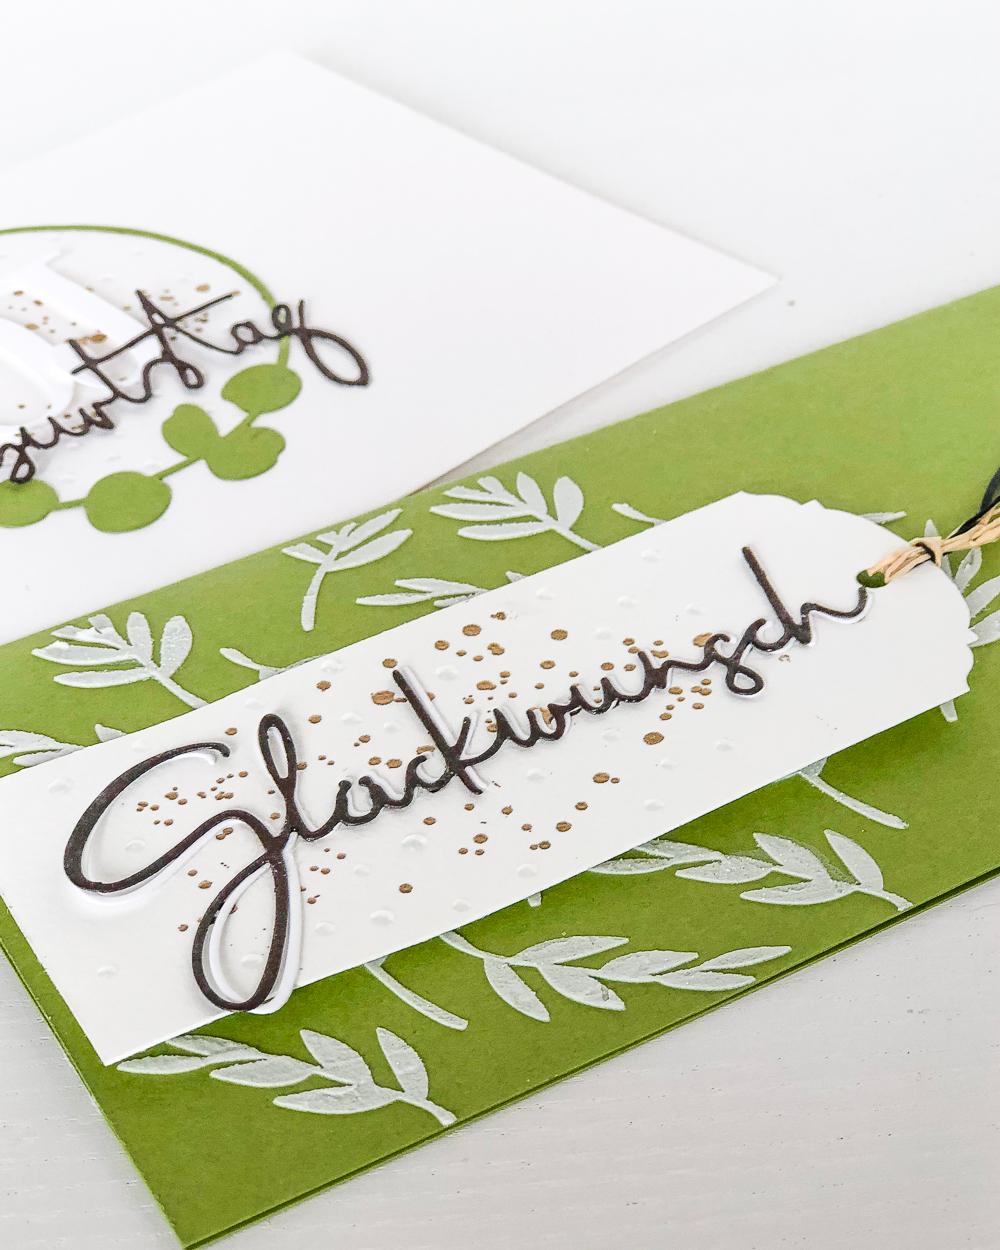 Geburtstagskarte und Umschlag | Renke und WOW! Embossing Powder von Janna Werner